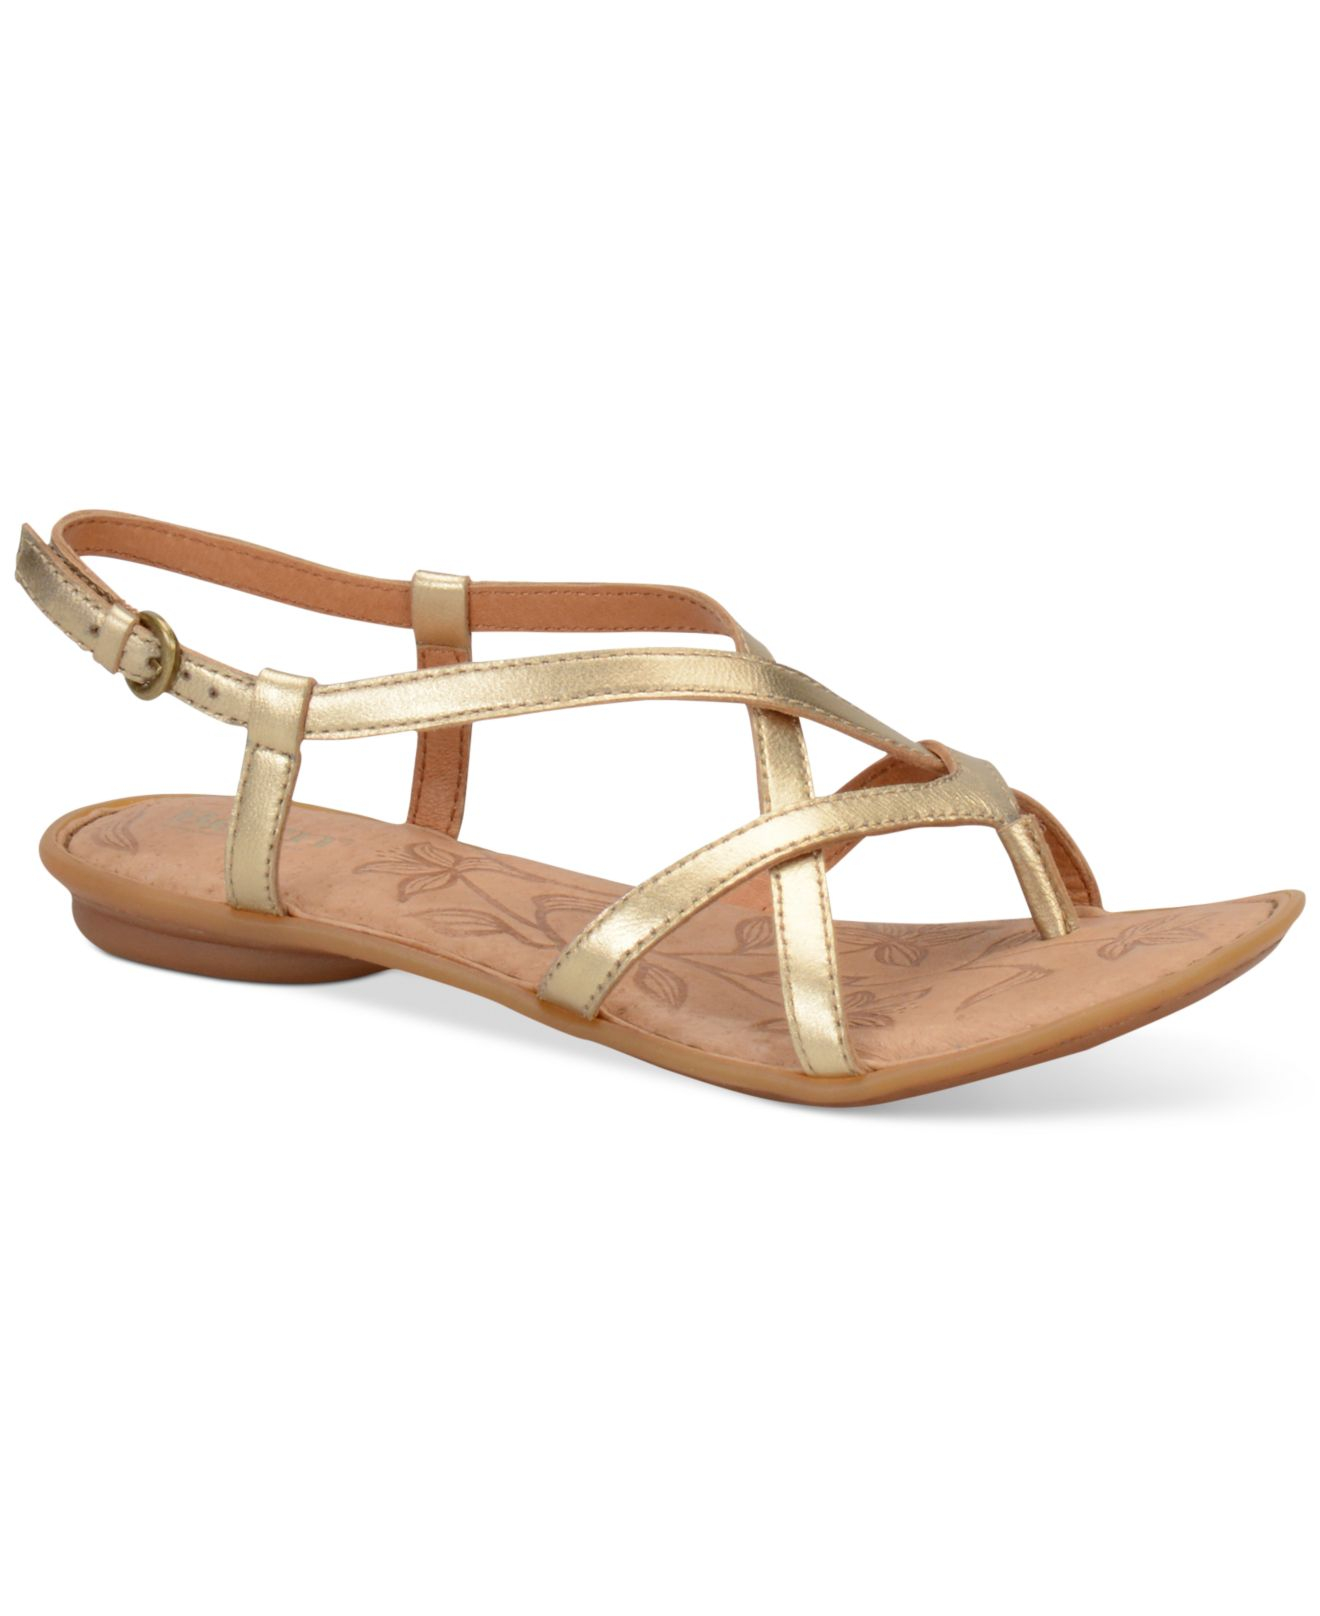 c976d1db172b Lyst - Born Mai Flat Sandals in Metallic